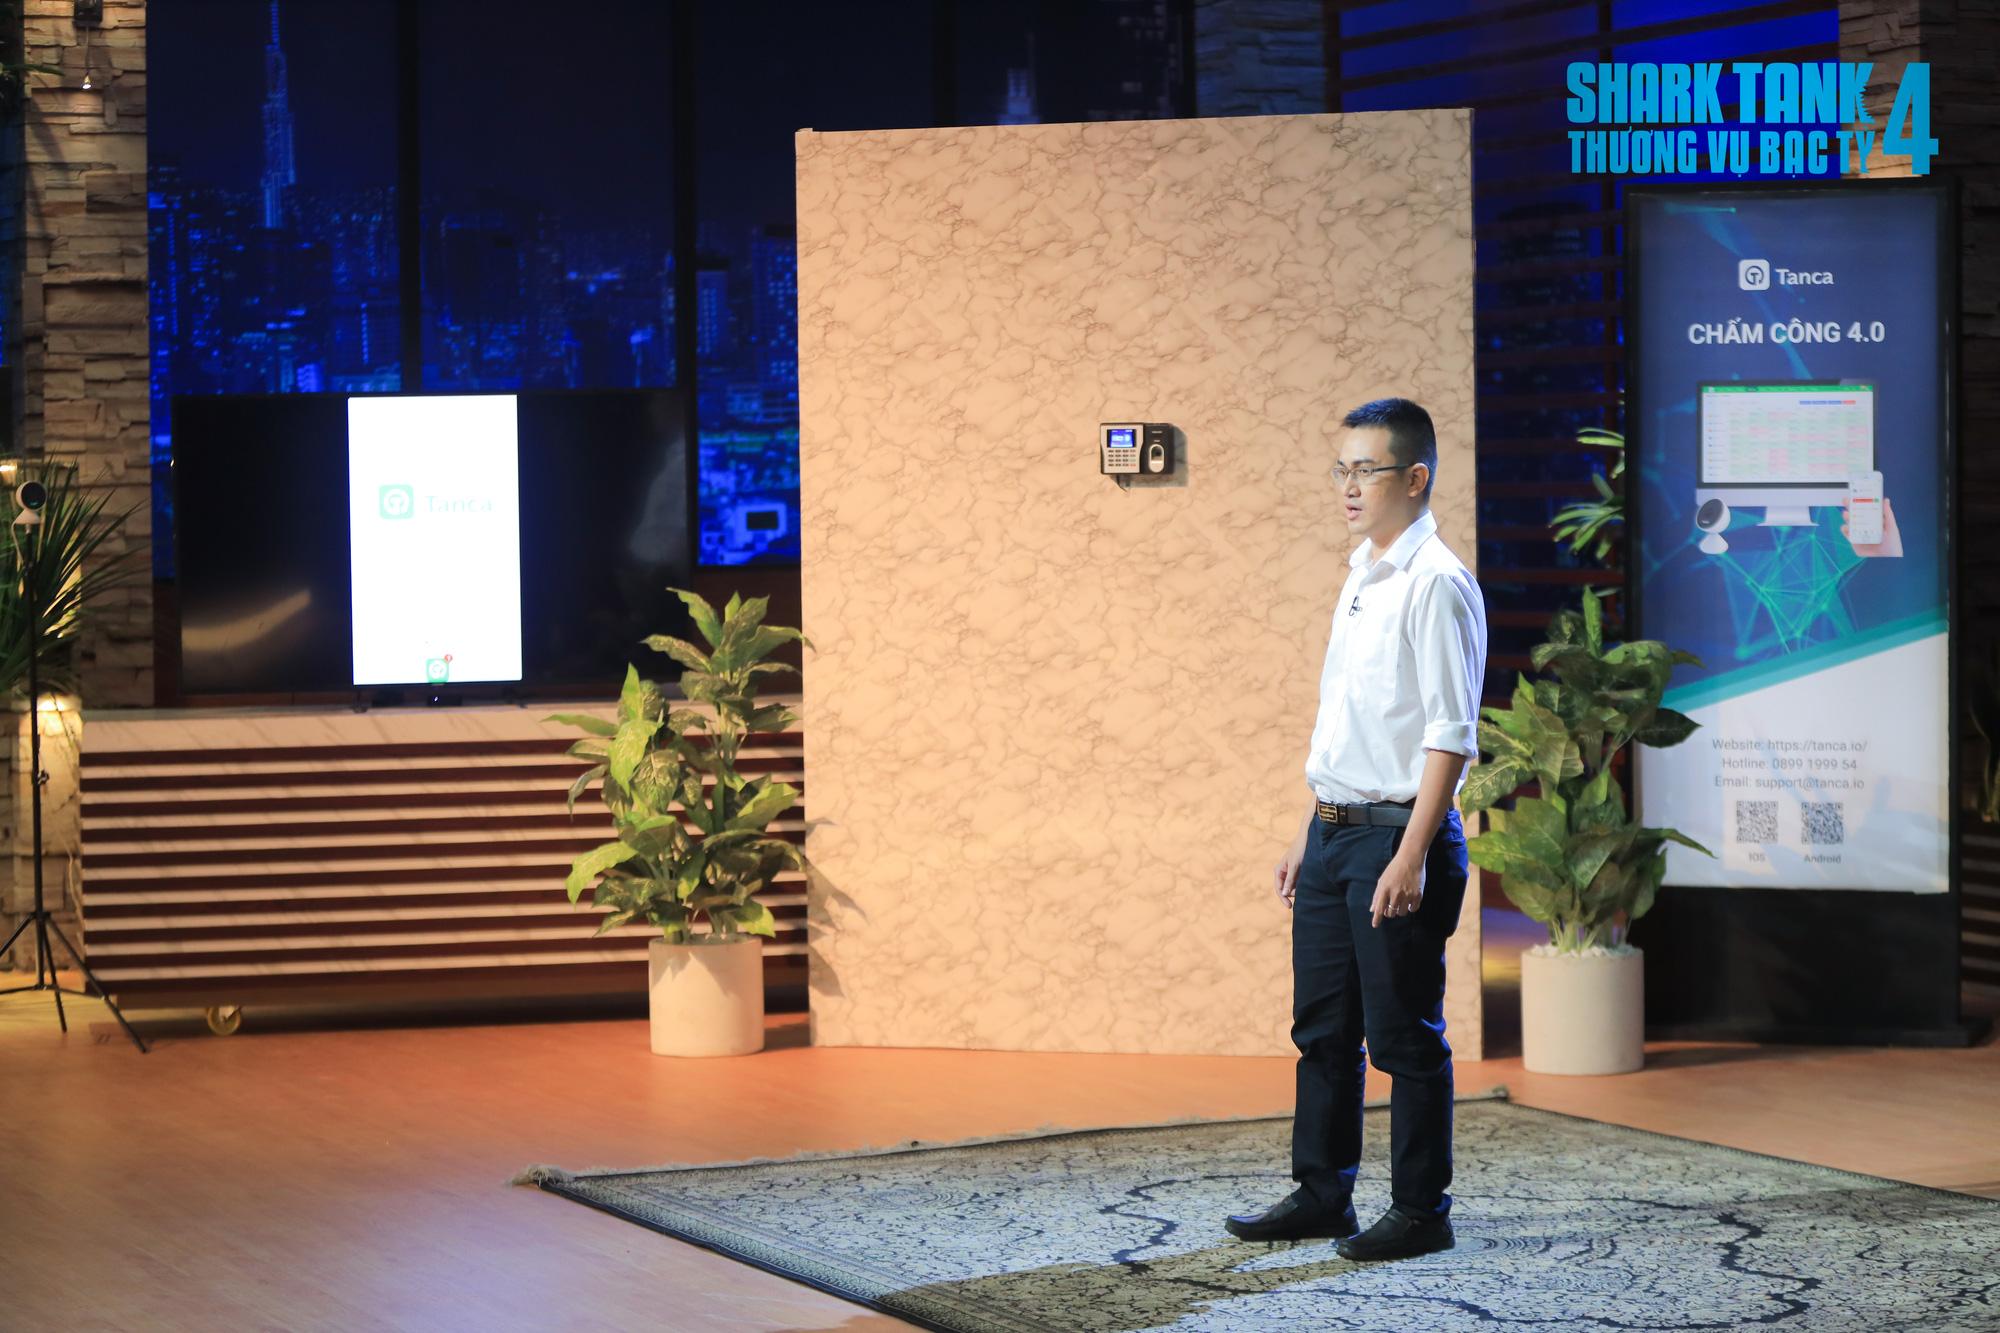 """Shark Bình hoài nghi phần mềm chấm công không qua được excel """"thần chưởng"""" startup Tanca nói gì để chứng minh hiệu quả? - Ảnh 1."""